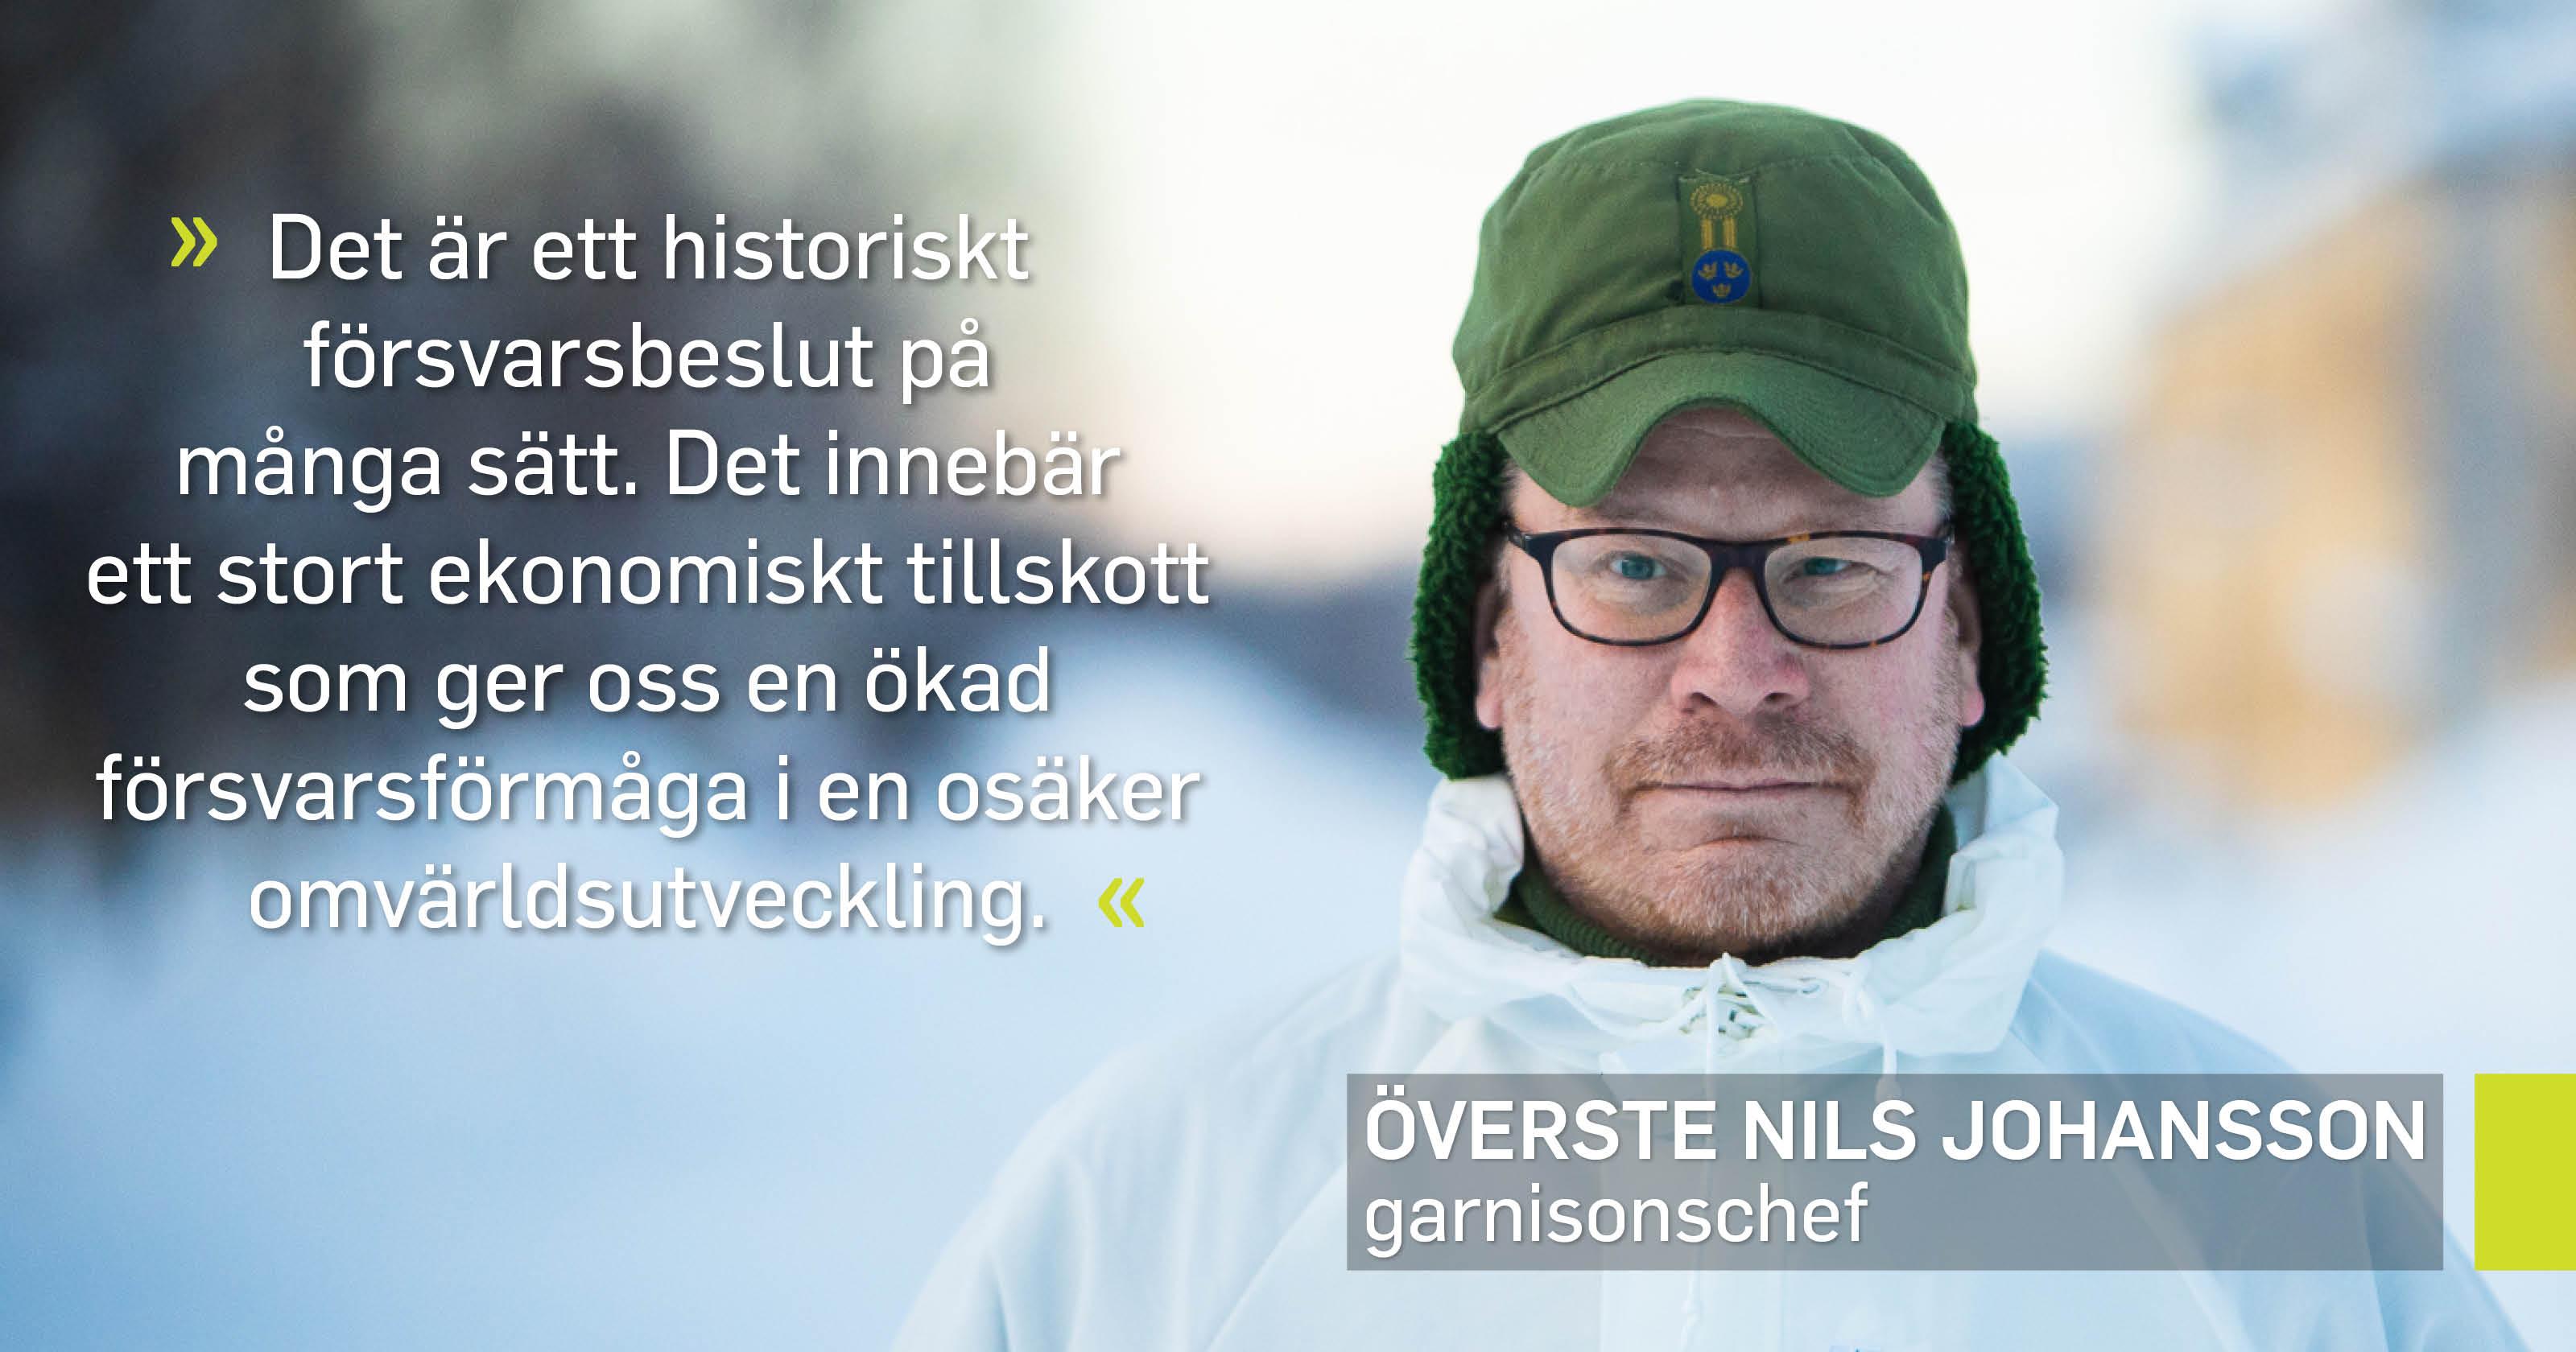 Överste Nils Johansson, garnisionschef.